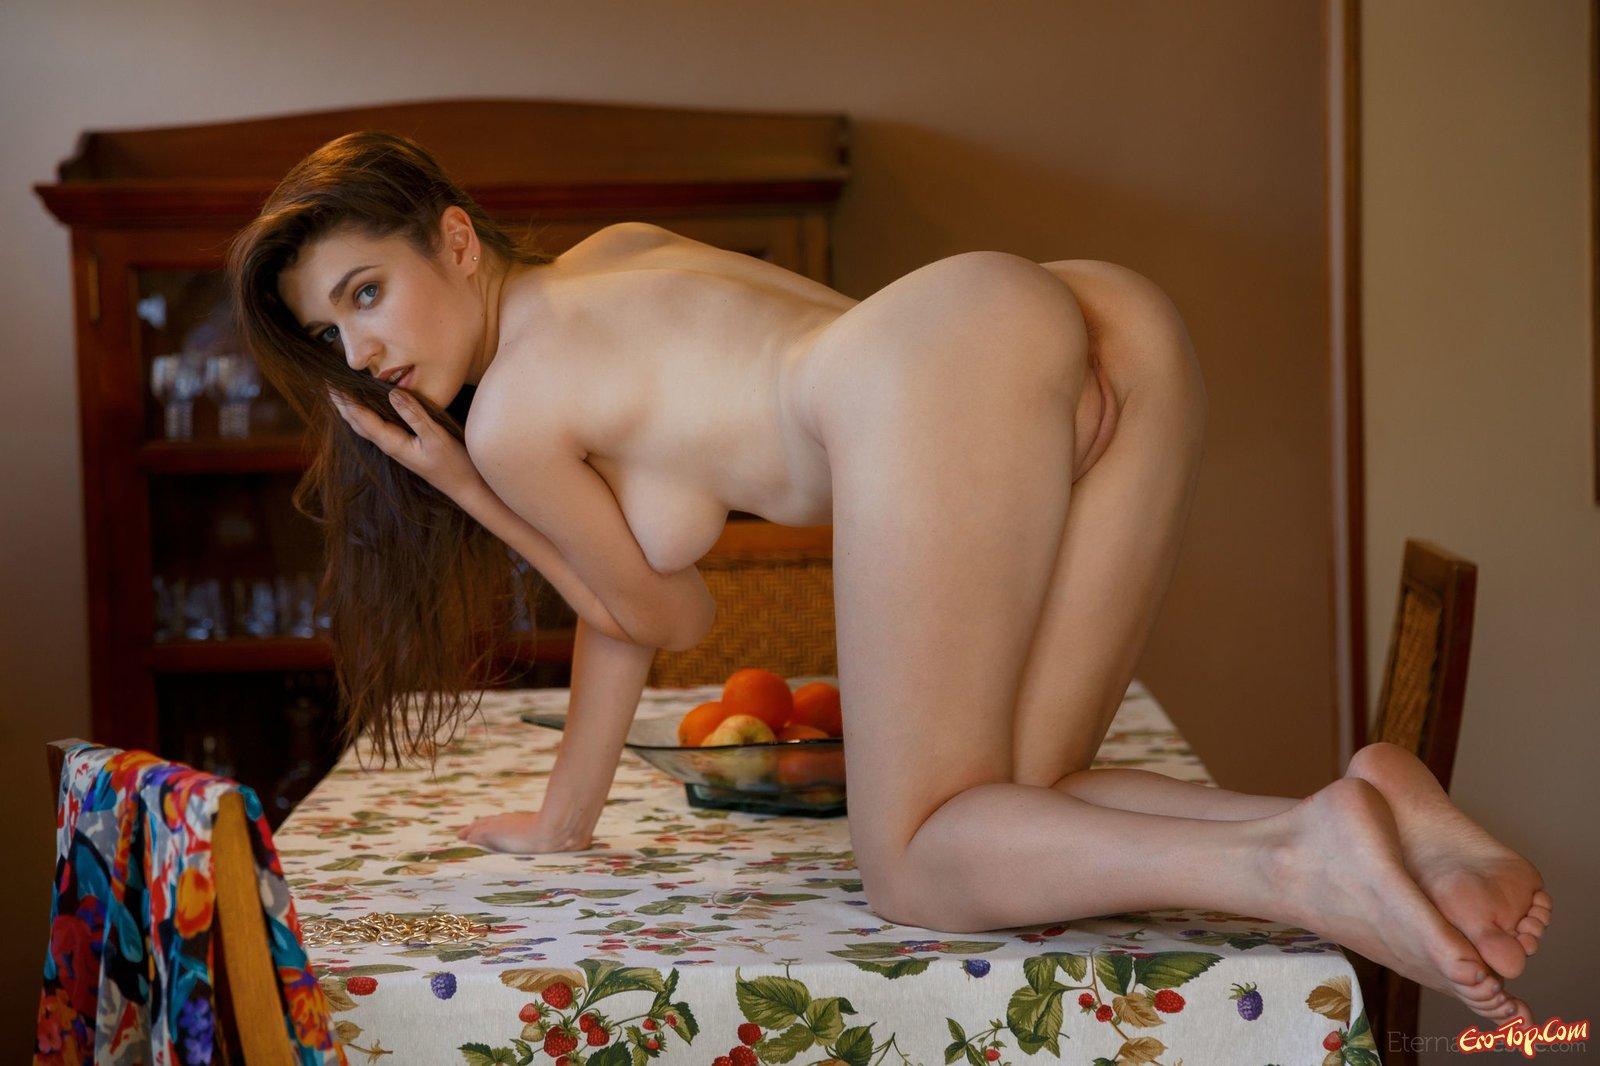 Страстная красотка с голой попой встала раком на столе